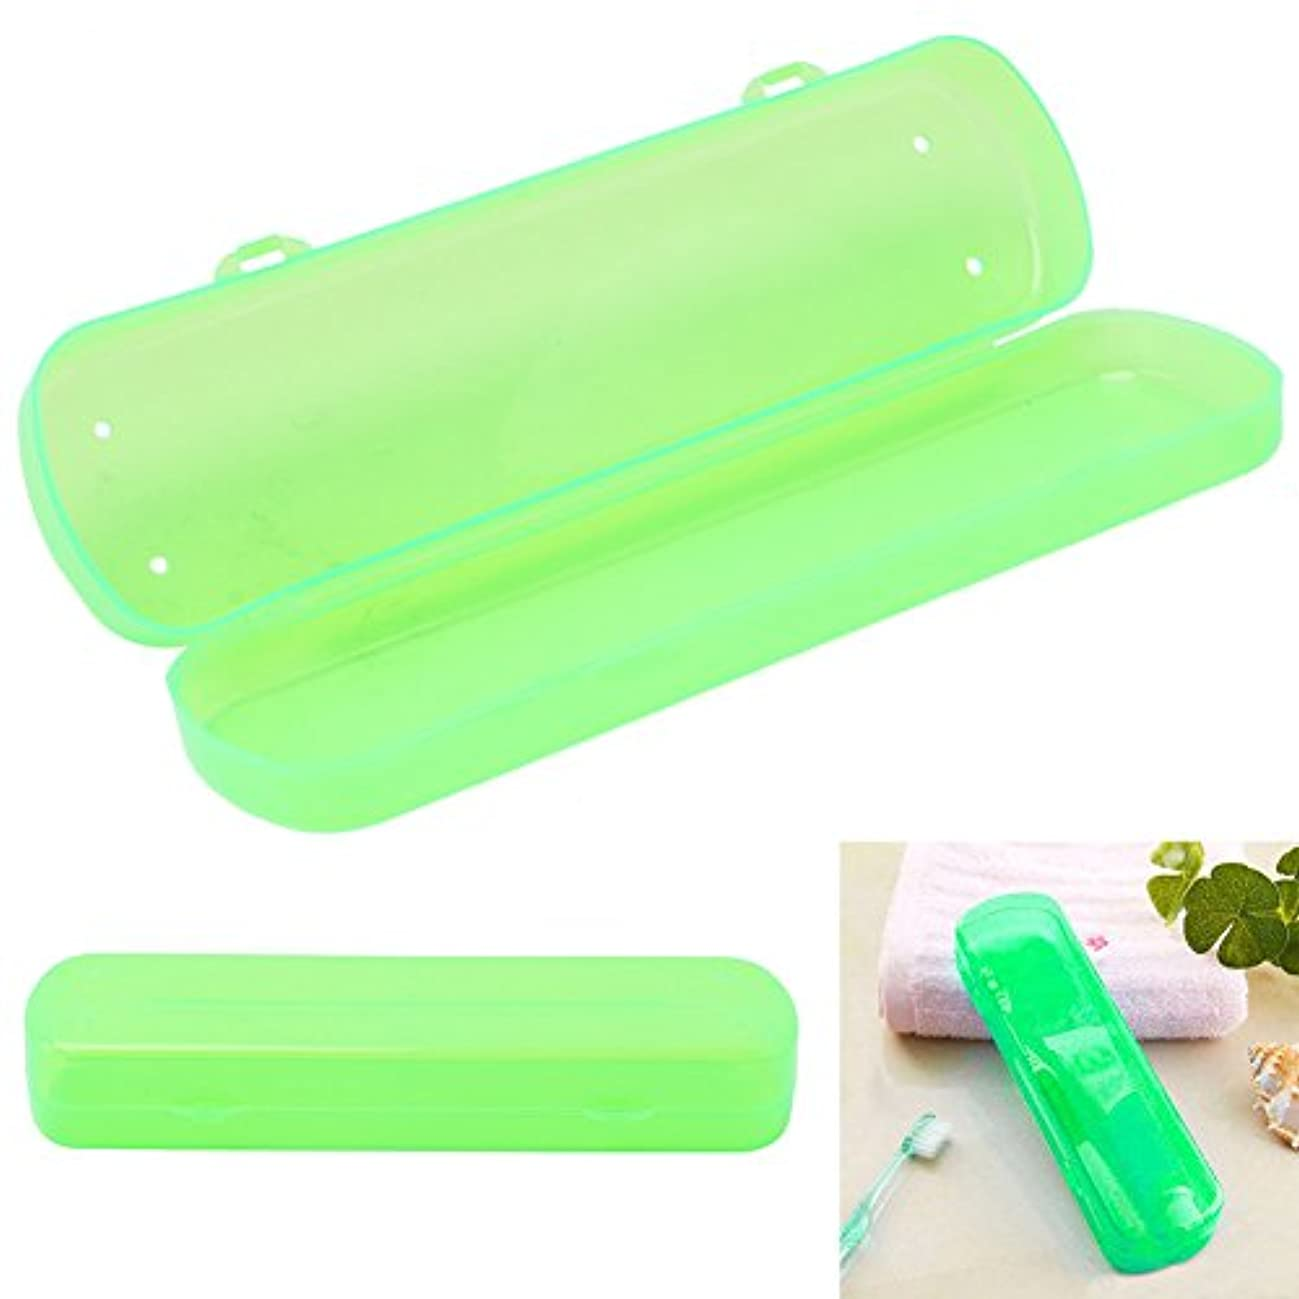 ライター頑丈教室Merssavo プラスチック製歯ブラシケース/旅行用ホルダー(グリーン)